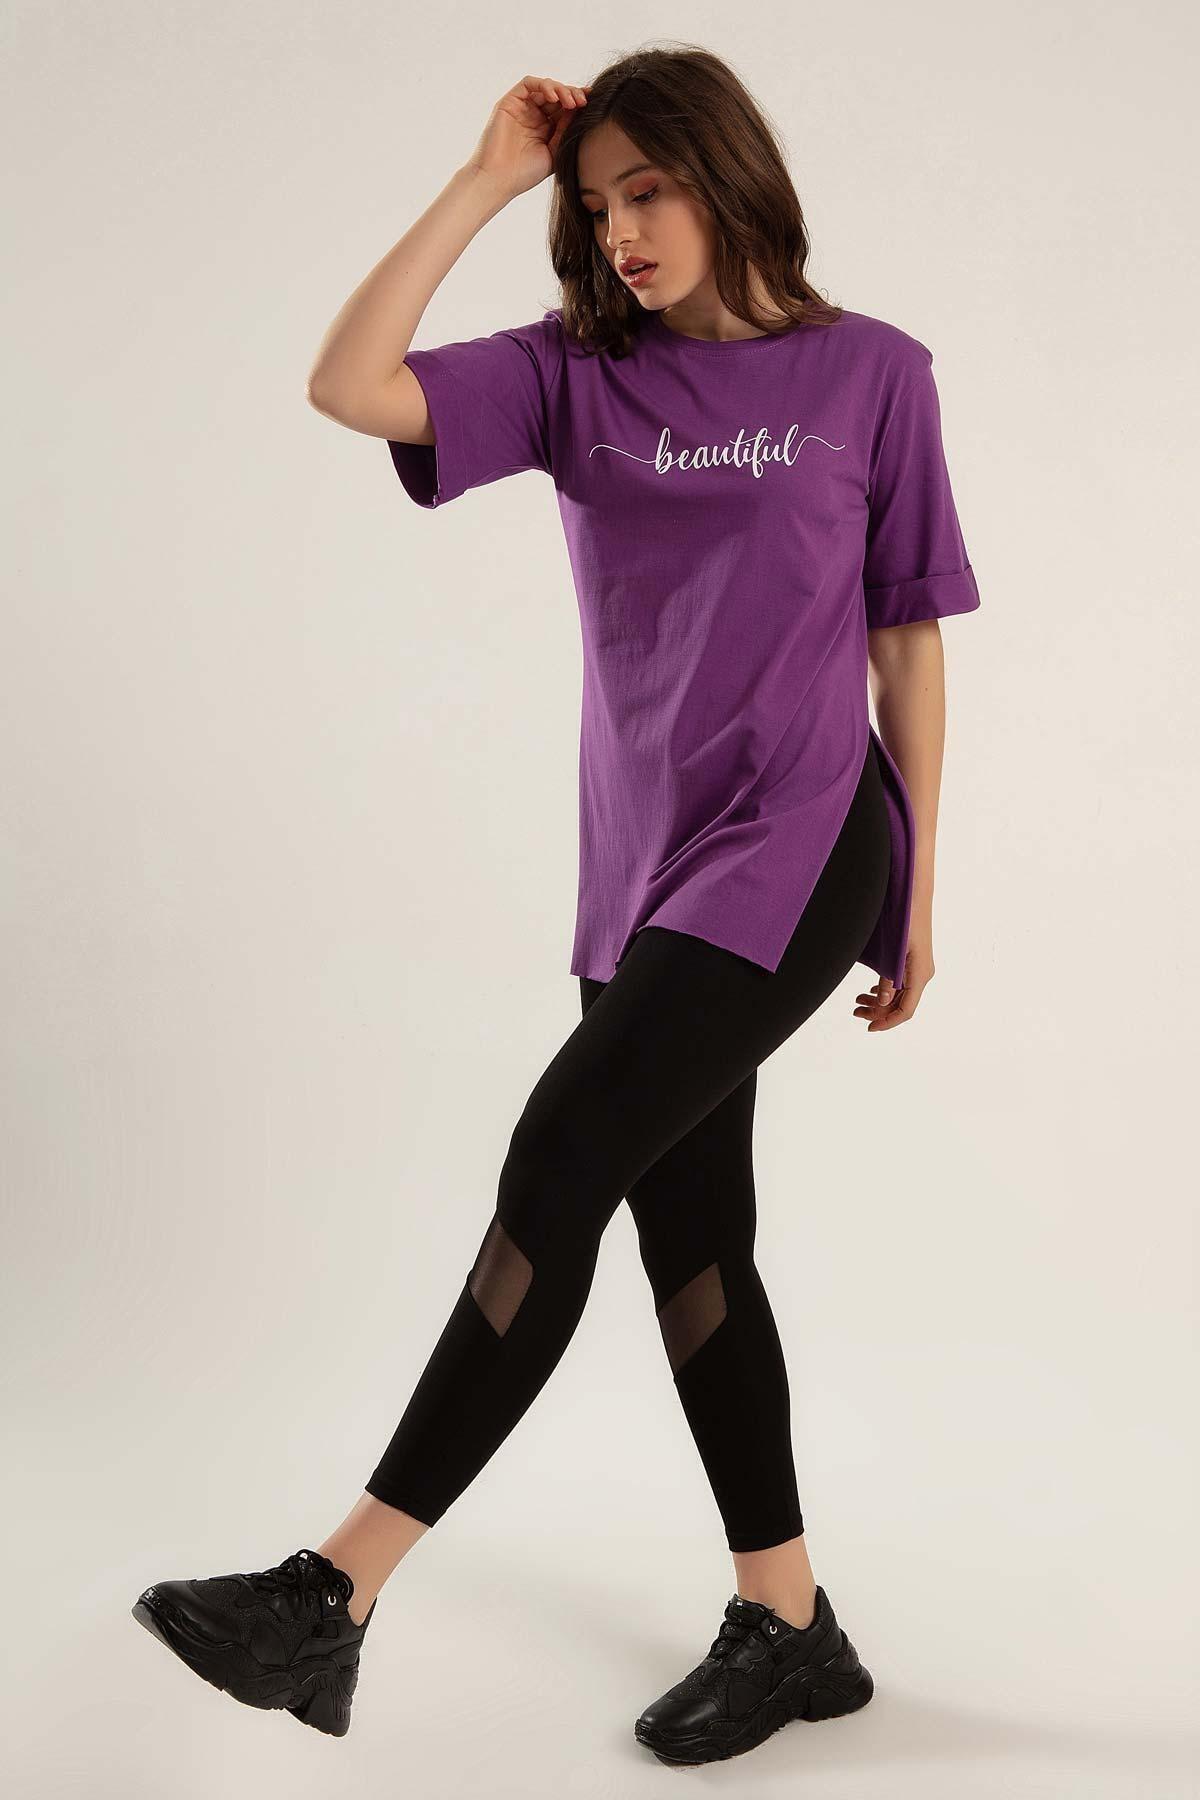 Kadın Baskılı Yırtmaçlı Tişört Y20s110-0361